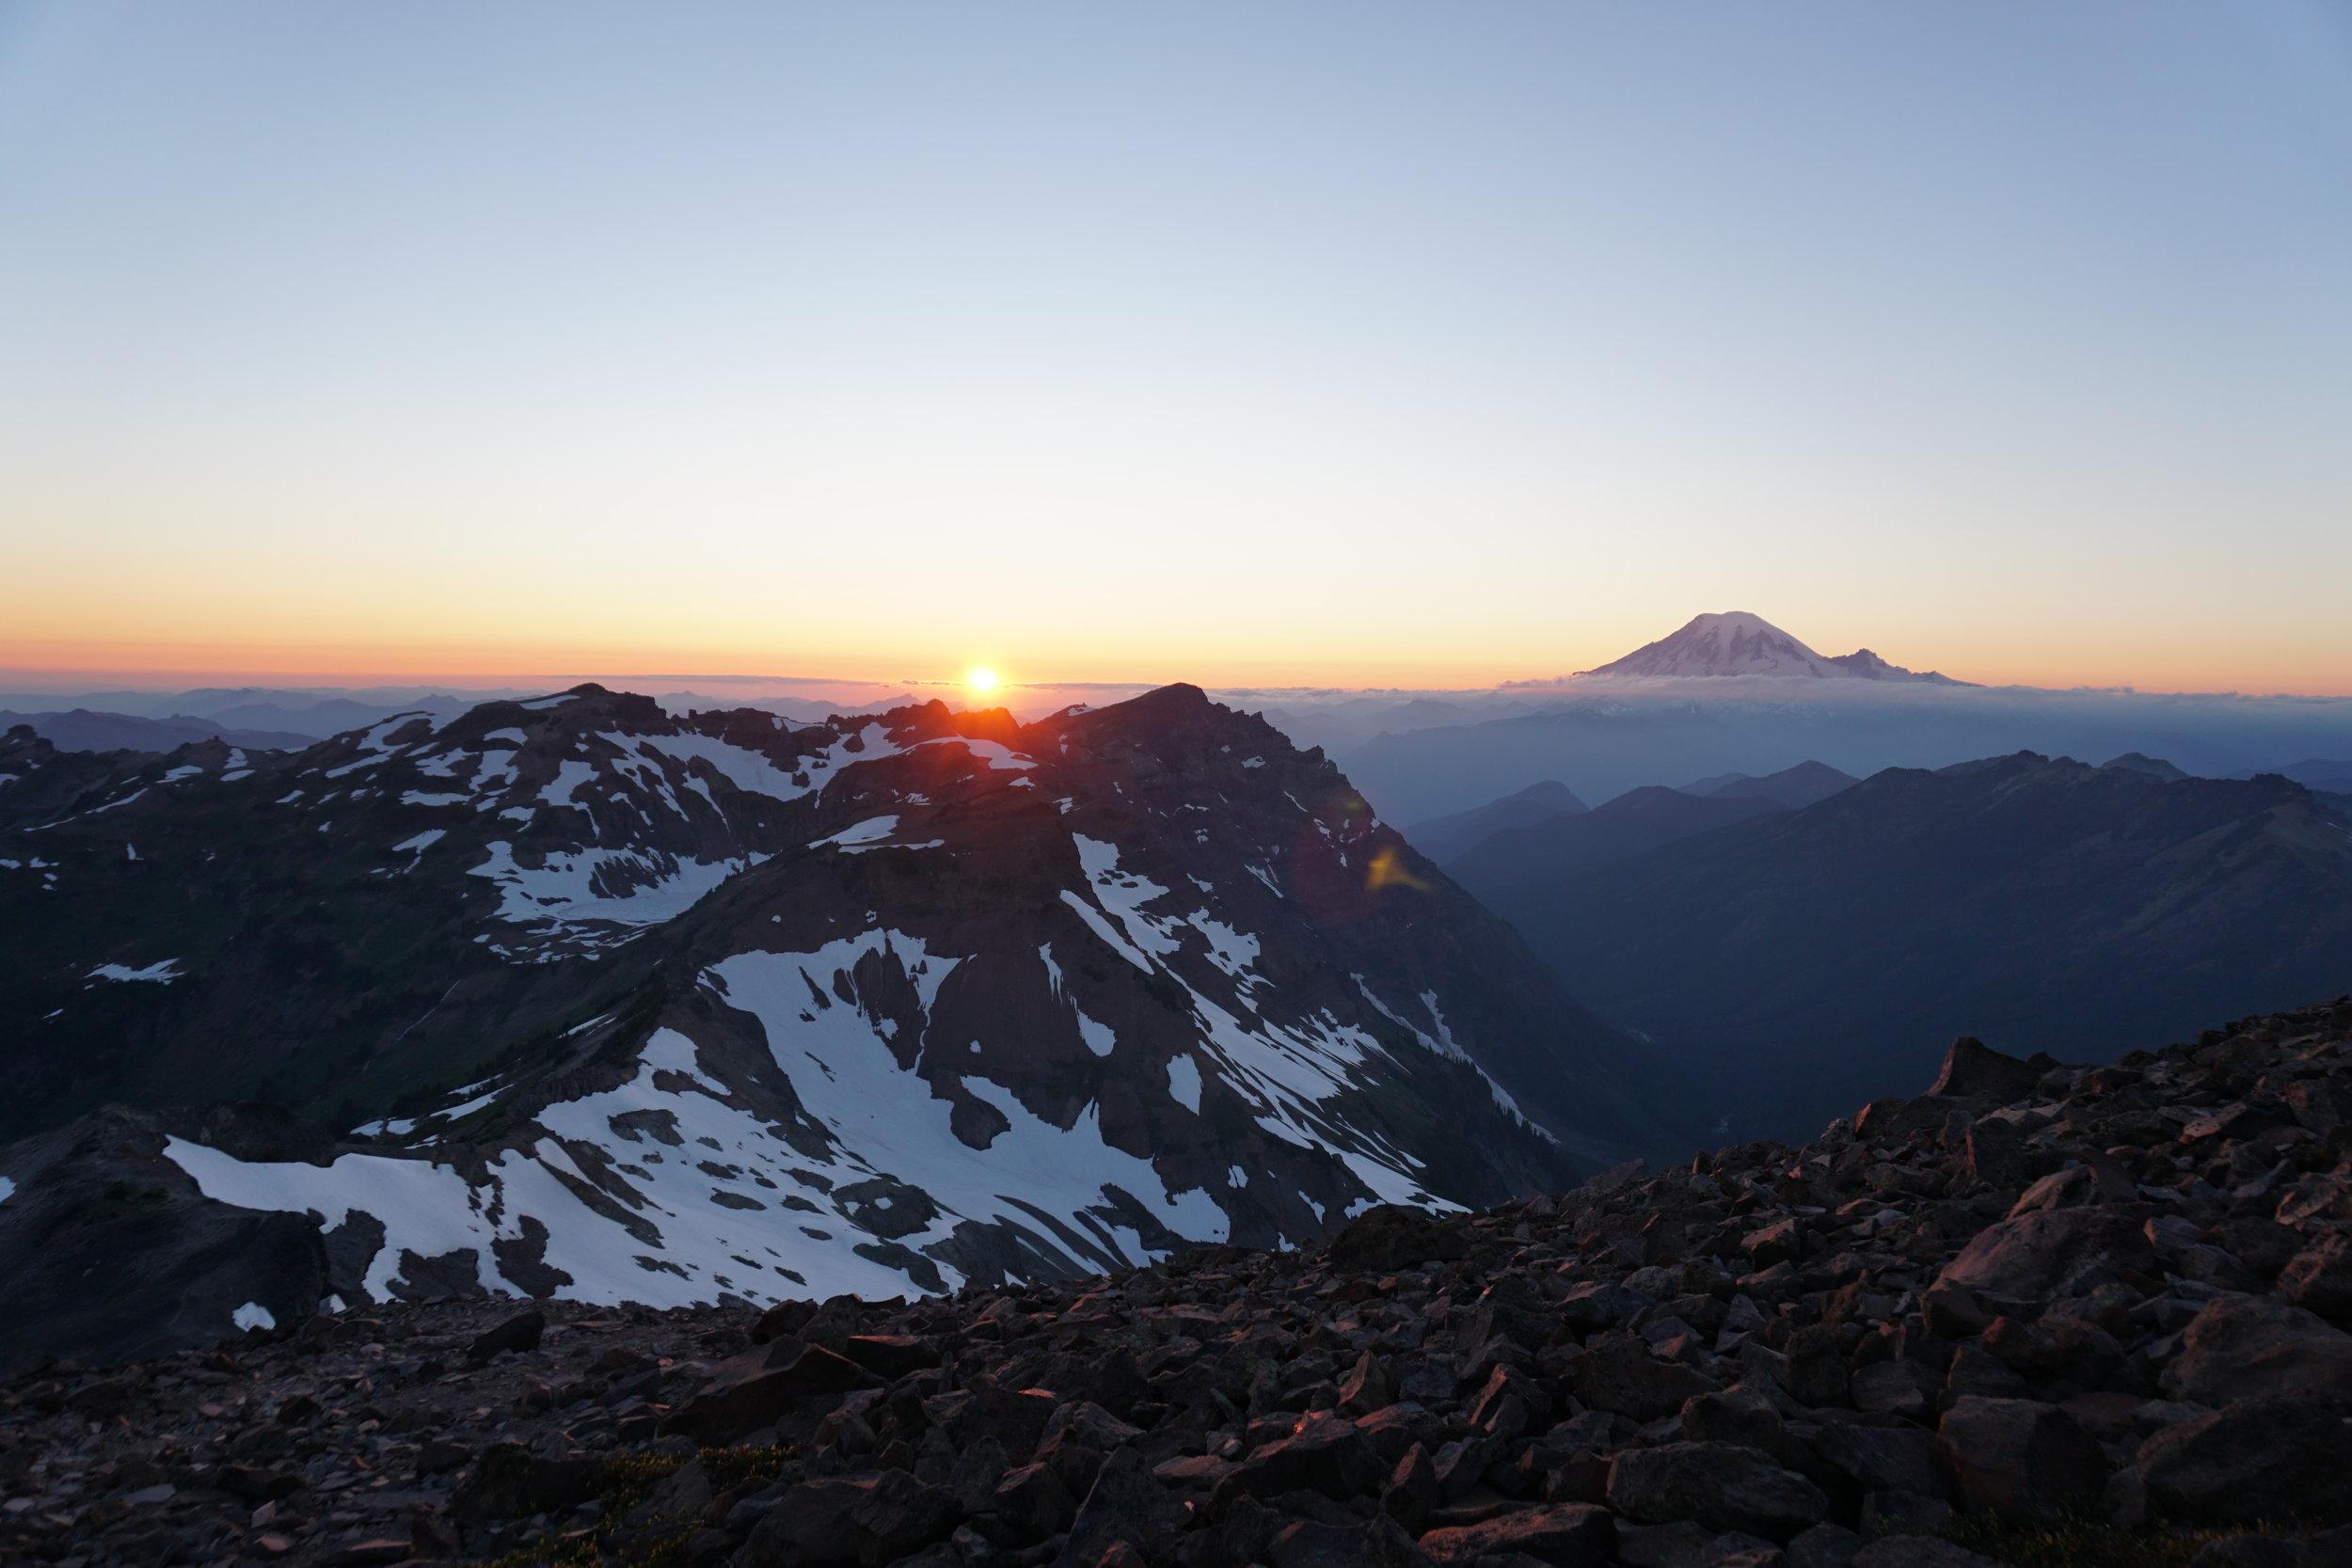 Sunset behind Johnson Peak with Mount Rainier.